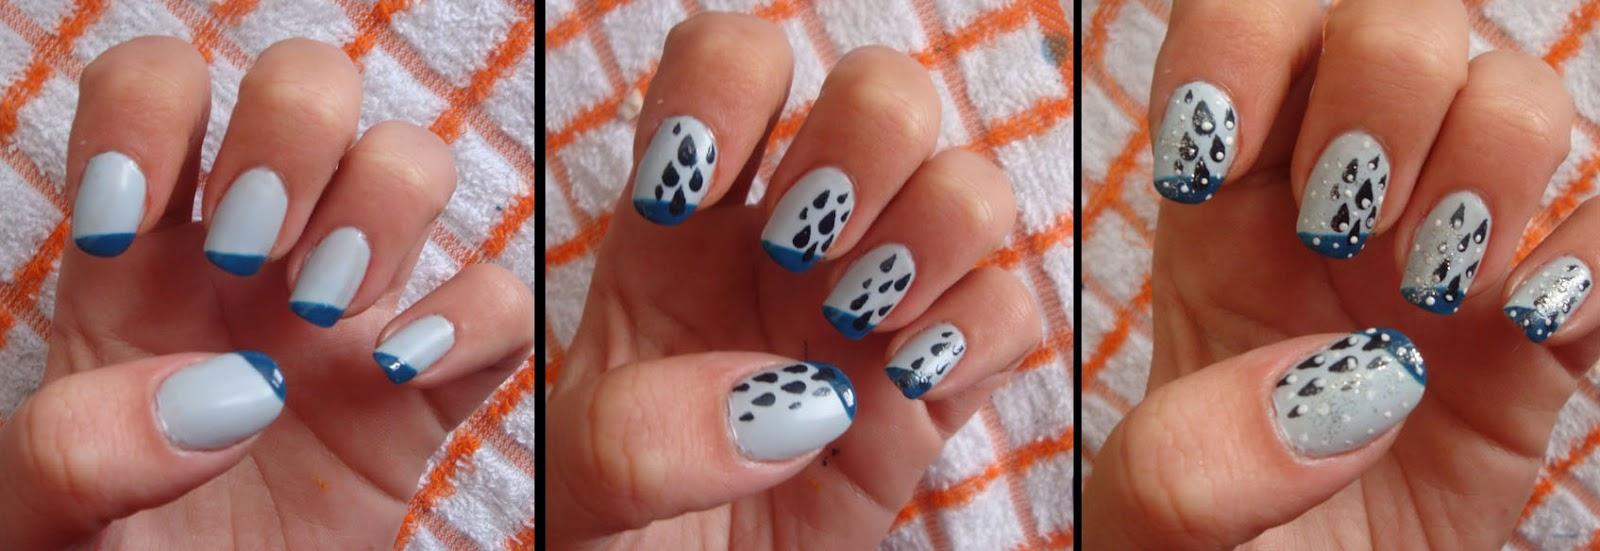 MI TIEMPO LIBRE: Decoración de uñas:lluvia